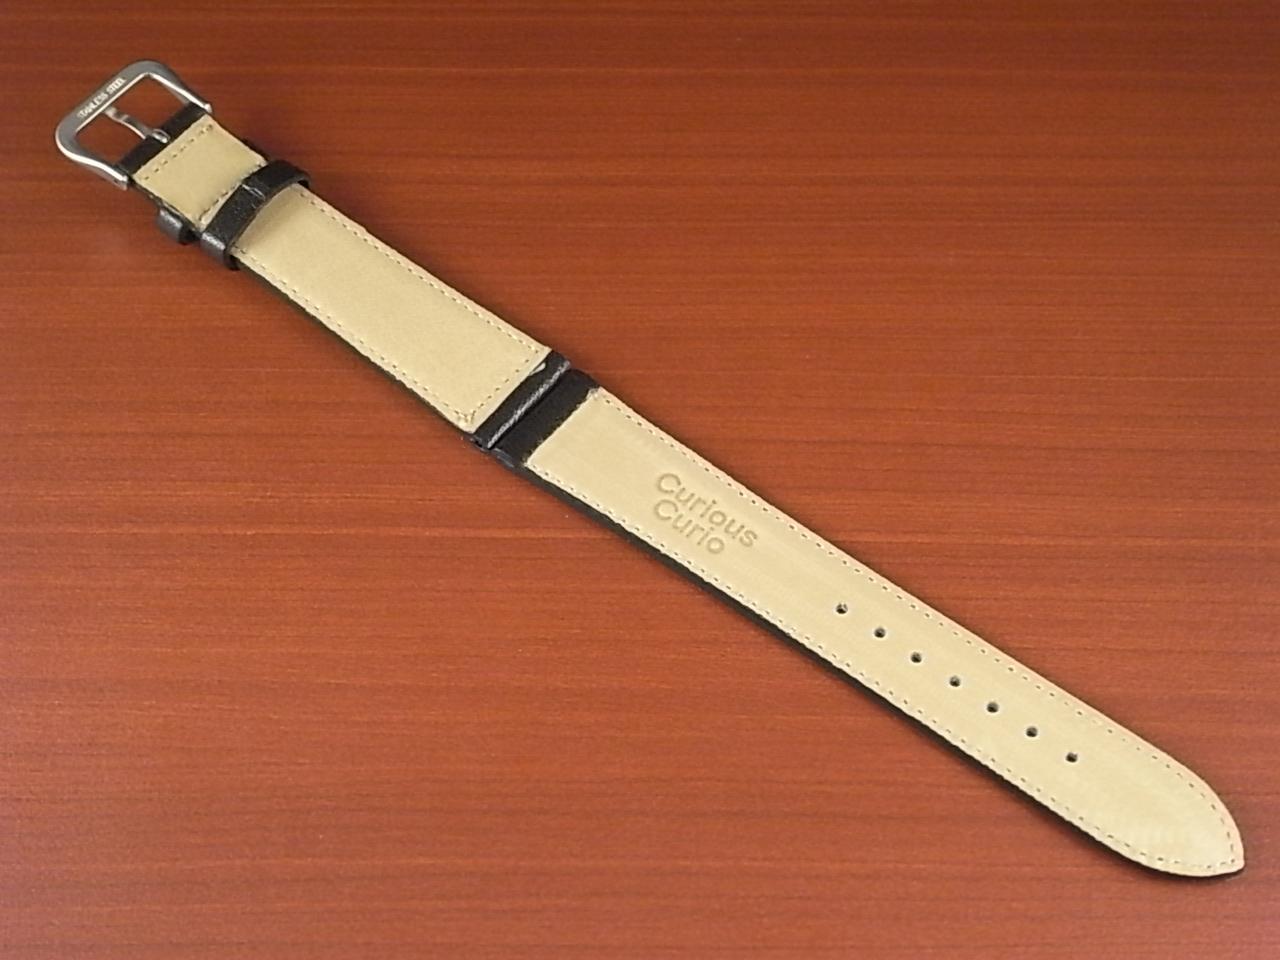 バッファロー 革ベルト 濃茶 19mm オリジナル CC-028aの写真2枚目